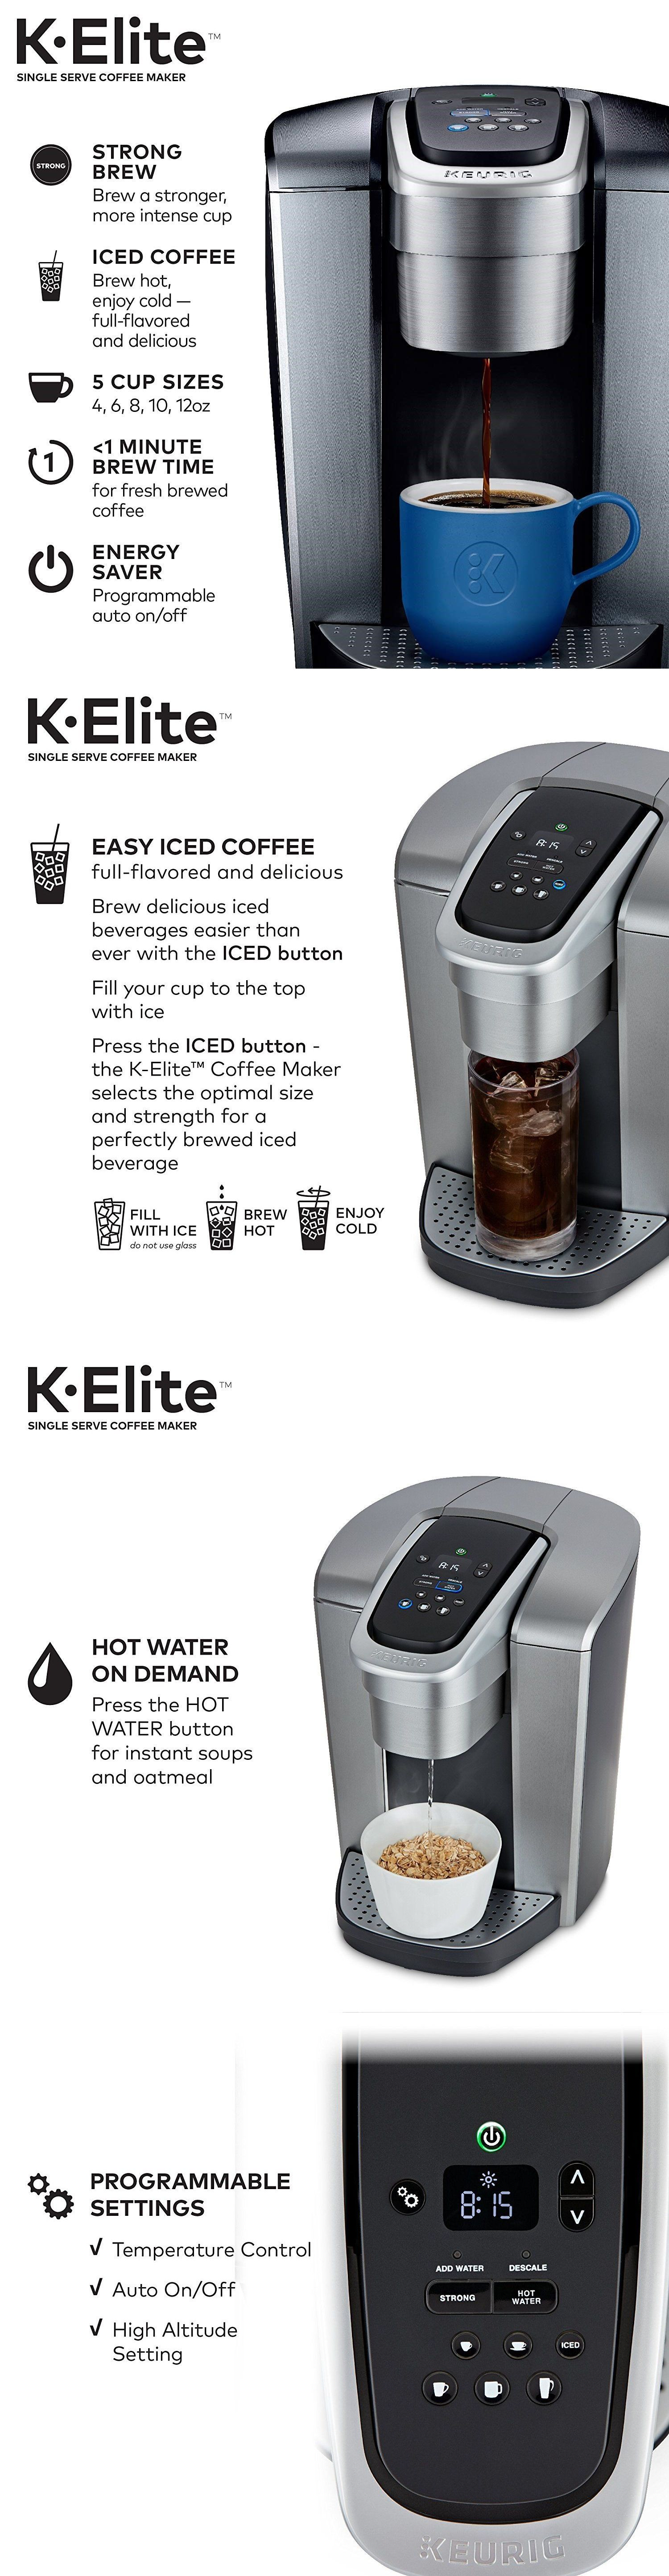 Filter coffee machines 184665 keurig kelite brand new